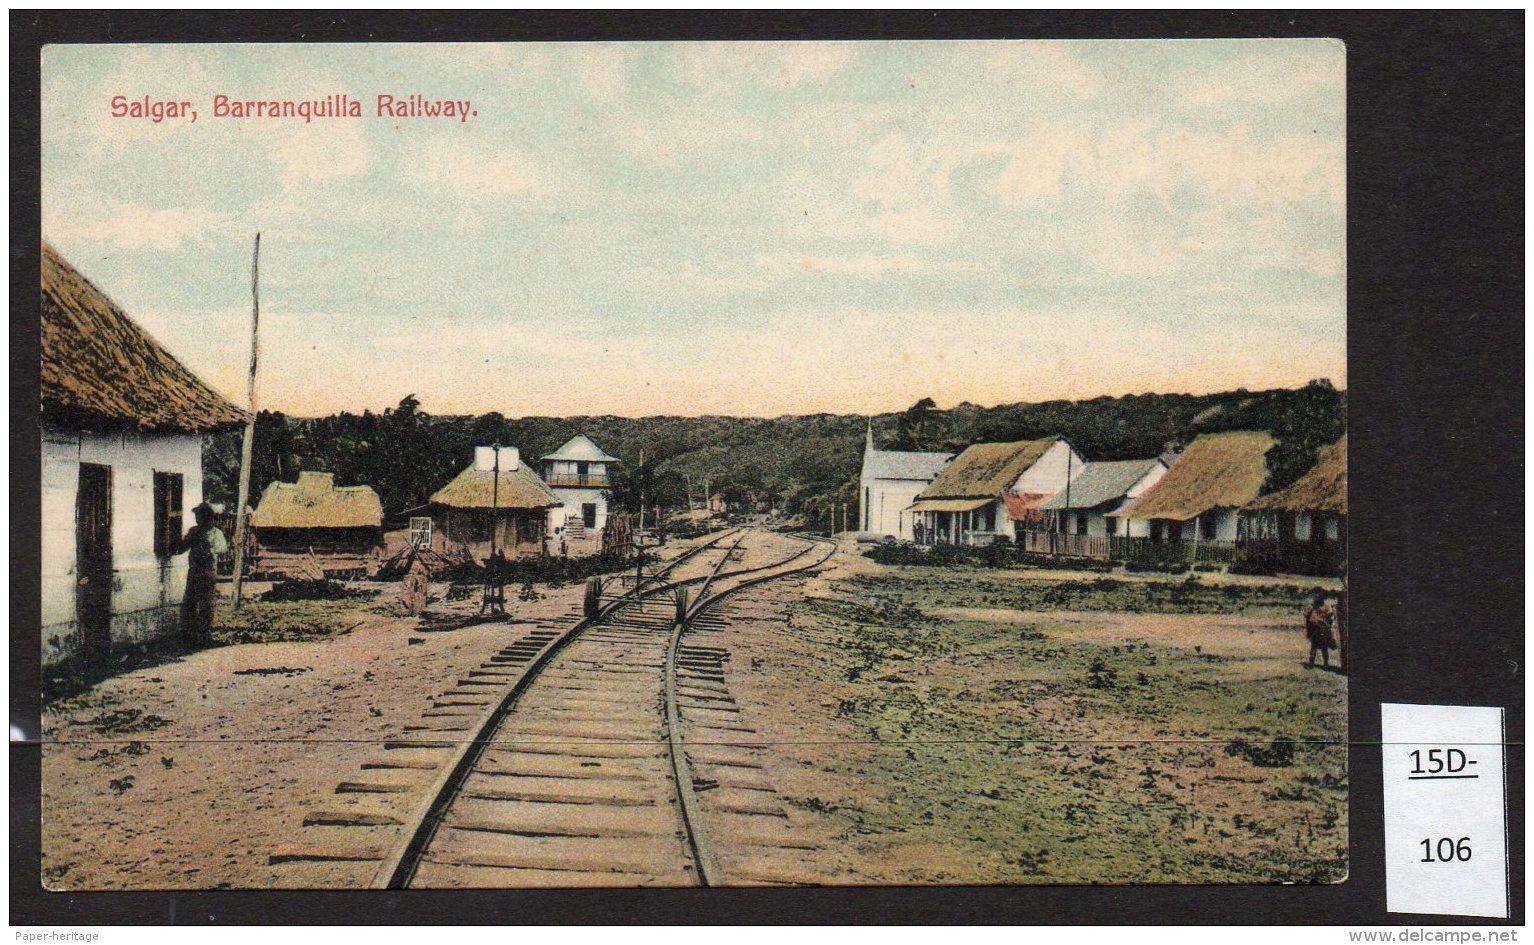 Colombia Railway / Railroad Ferrocarril De Barranquilla - Salgar - Tracks, No Train, Possibly  Station / Gare / Estacion - Colombia